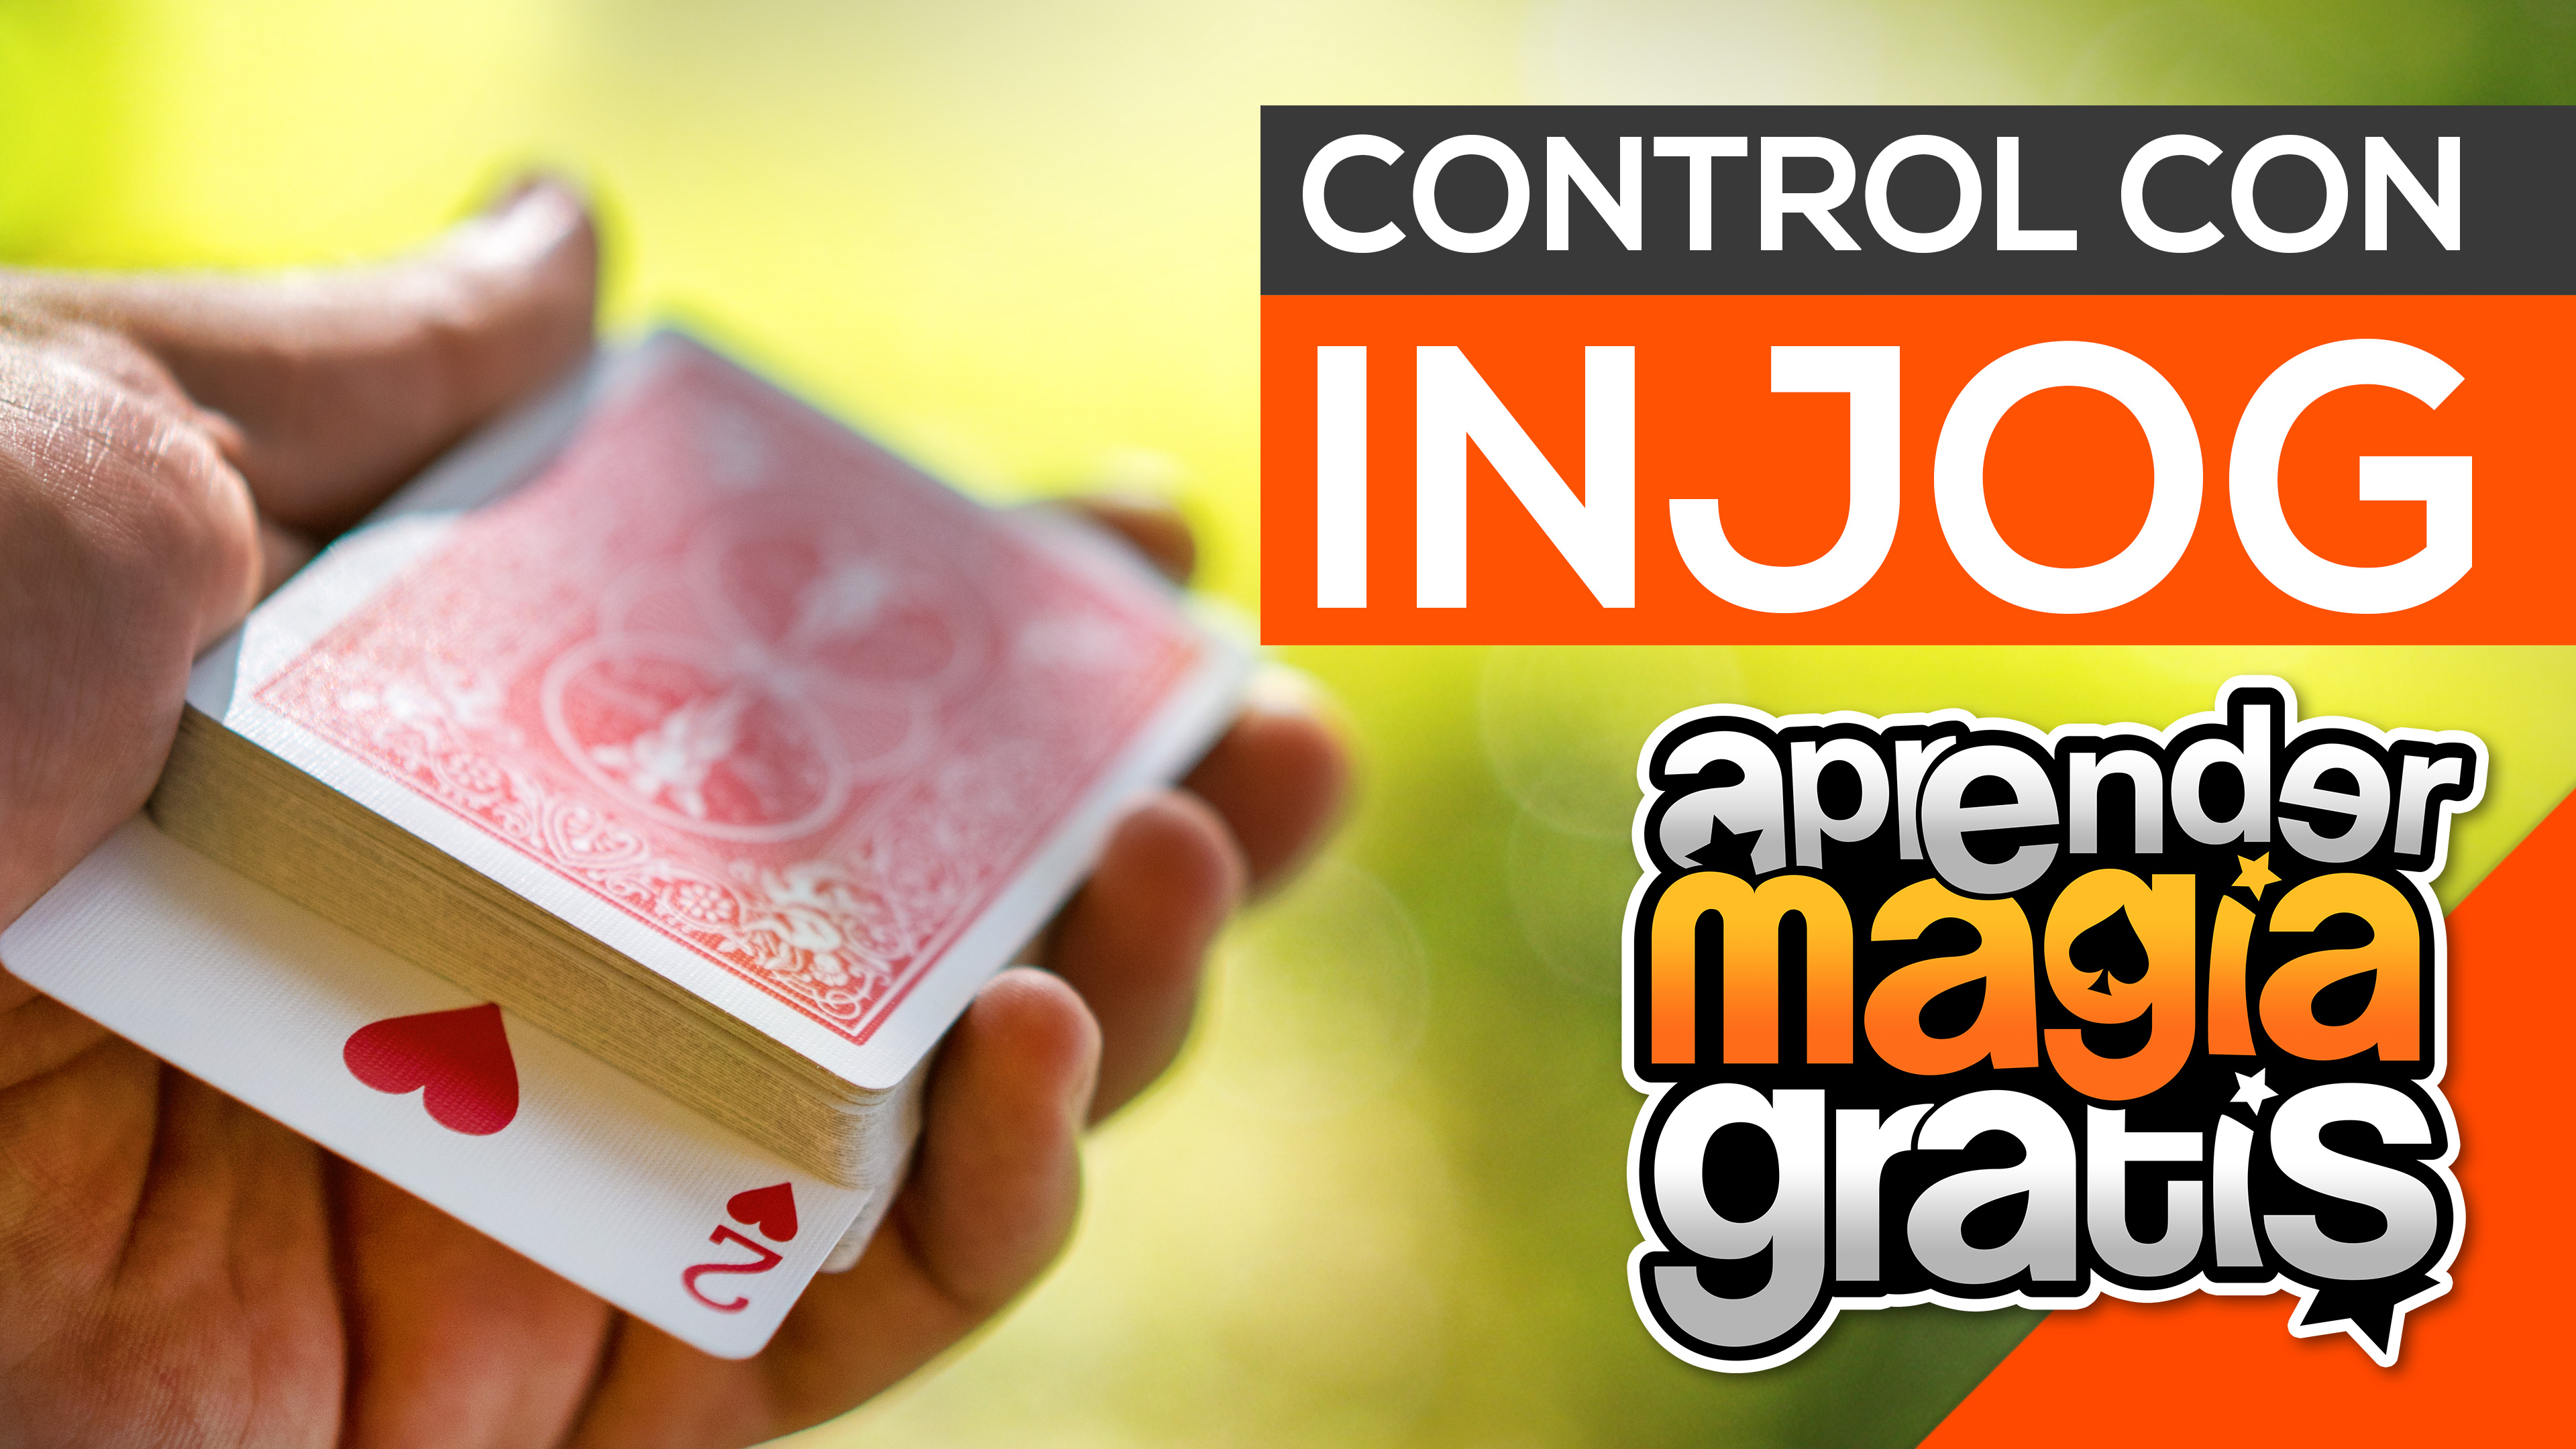 Control de carta con Injog | Truco de magia revelado con cartas gratis